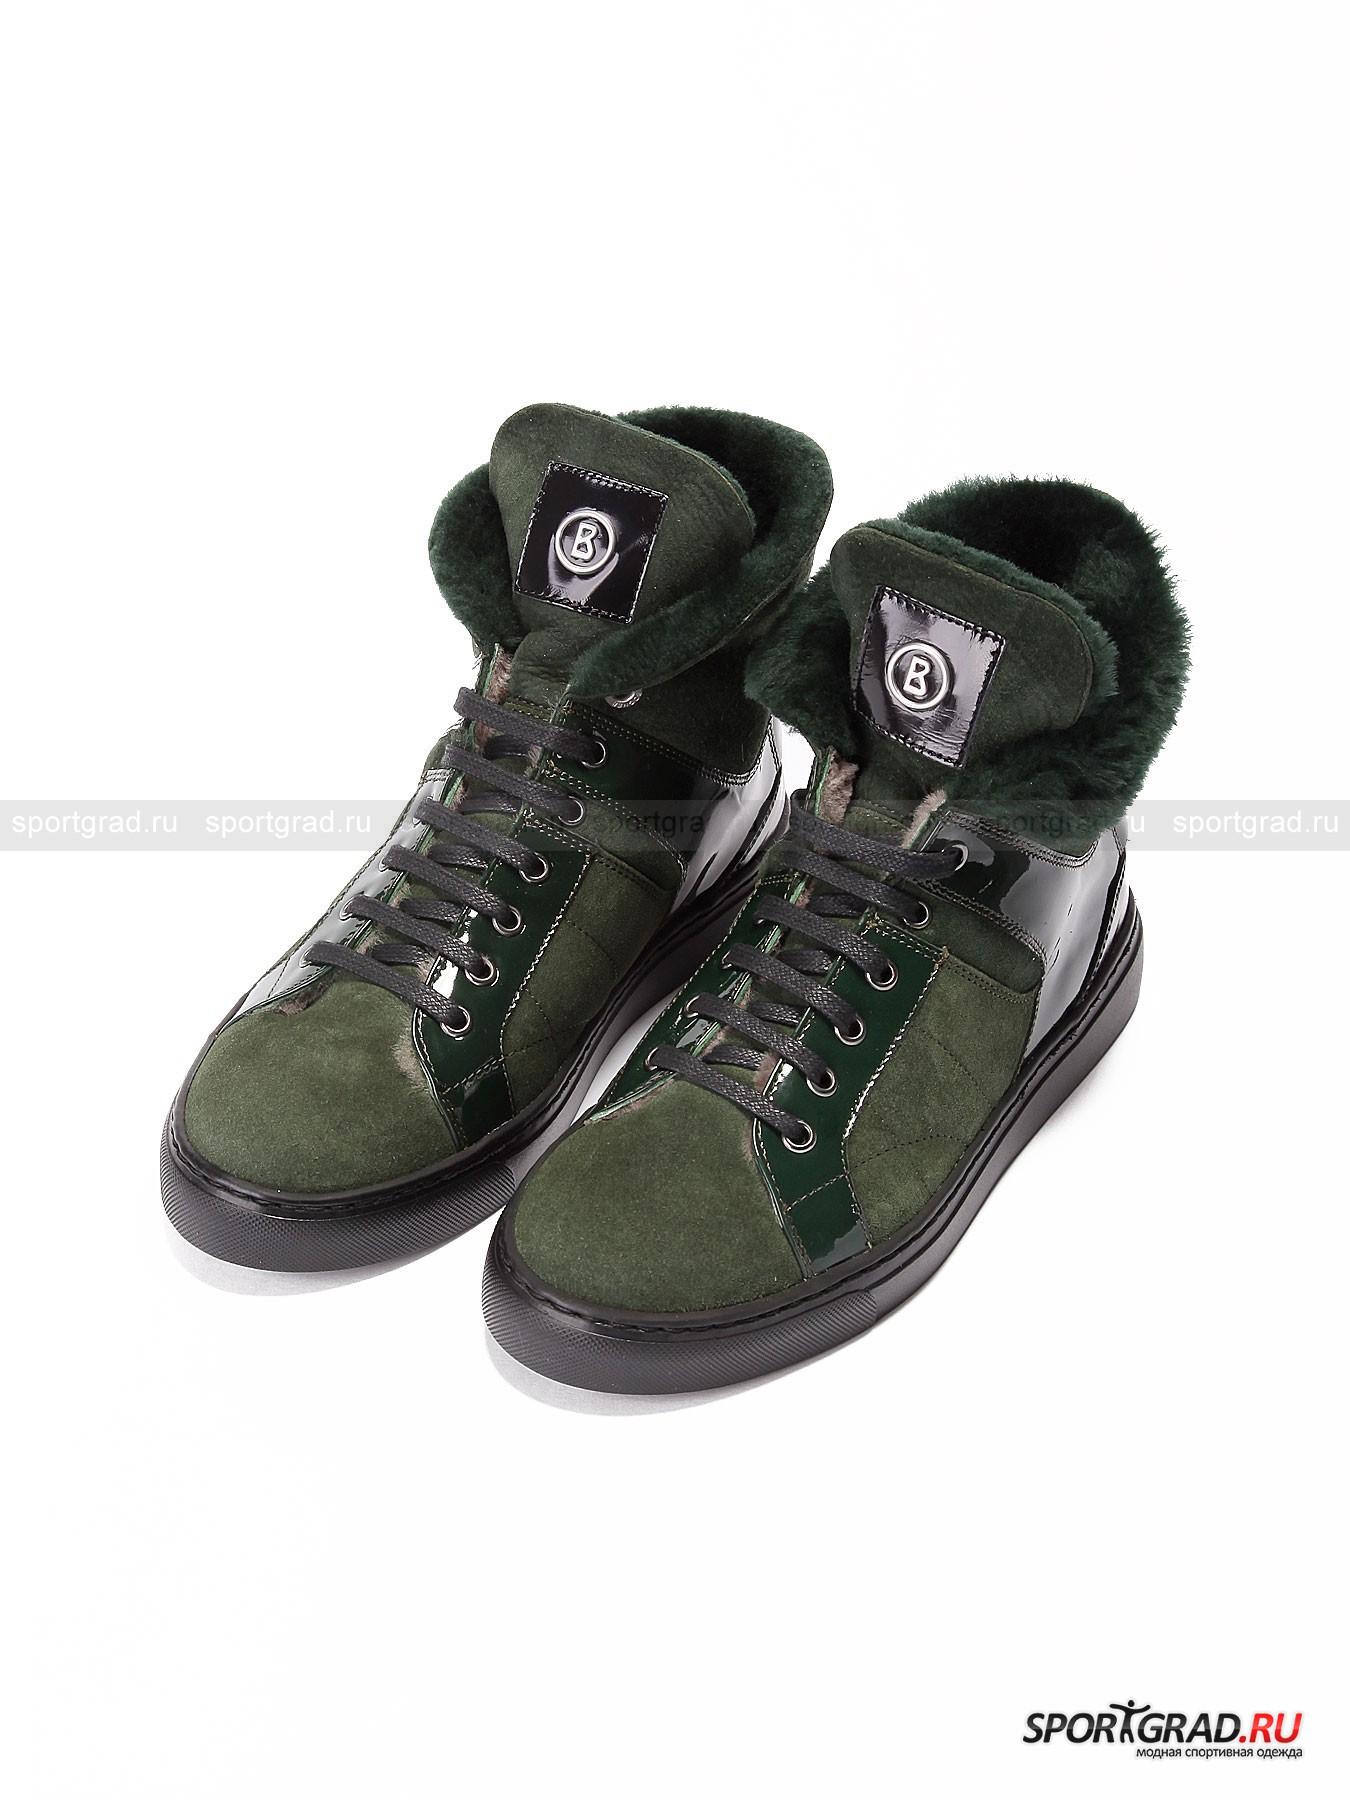 Женские ботинки BOGNER New Zalzburg 2Ботинки<br>Знаменитый немецкий бренд Bogner производит не только качественную и практичную одежду для занятия горнолыжным спортом. Есть в линейке бренда и целая линия обувь для повседневной носки в условиях города.<br><br>Женские ботинки New Zalzburg 2 – уникальный пример стильной и при этом очень теплой обуви на холодное время года. Примечательной особенностью модели является внутренняя отделка мехом. Даже стелька обладает собственным слоем натурального утеплителя. В остальном же верх ботинок сочетает в себе комбо из кожи и замши. Посажена верхняя часть на надежную и практичную резиновую подошву.<br><br>•Высокая колодка<br>•Надежная и плотная шнуровка<br>•Съемная амортизирующая стелька<br>•Фирменный логотип <br>•В комплект входит специальный мешок для обуви<br><br>Пол: Женский<br>Возраст: Взрослый<br>Тип: Ботинки<br>Состав: Кожа/замша, подошва – 100% резина.